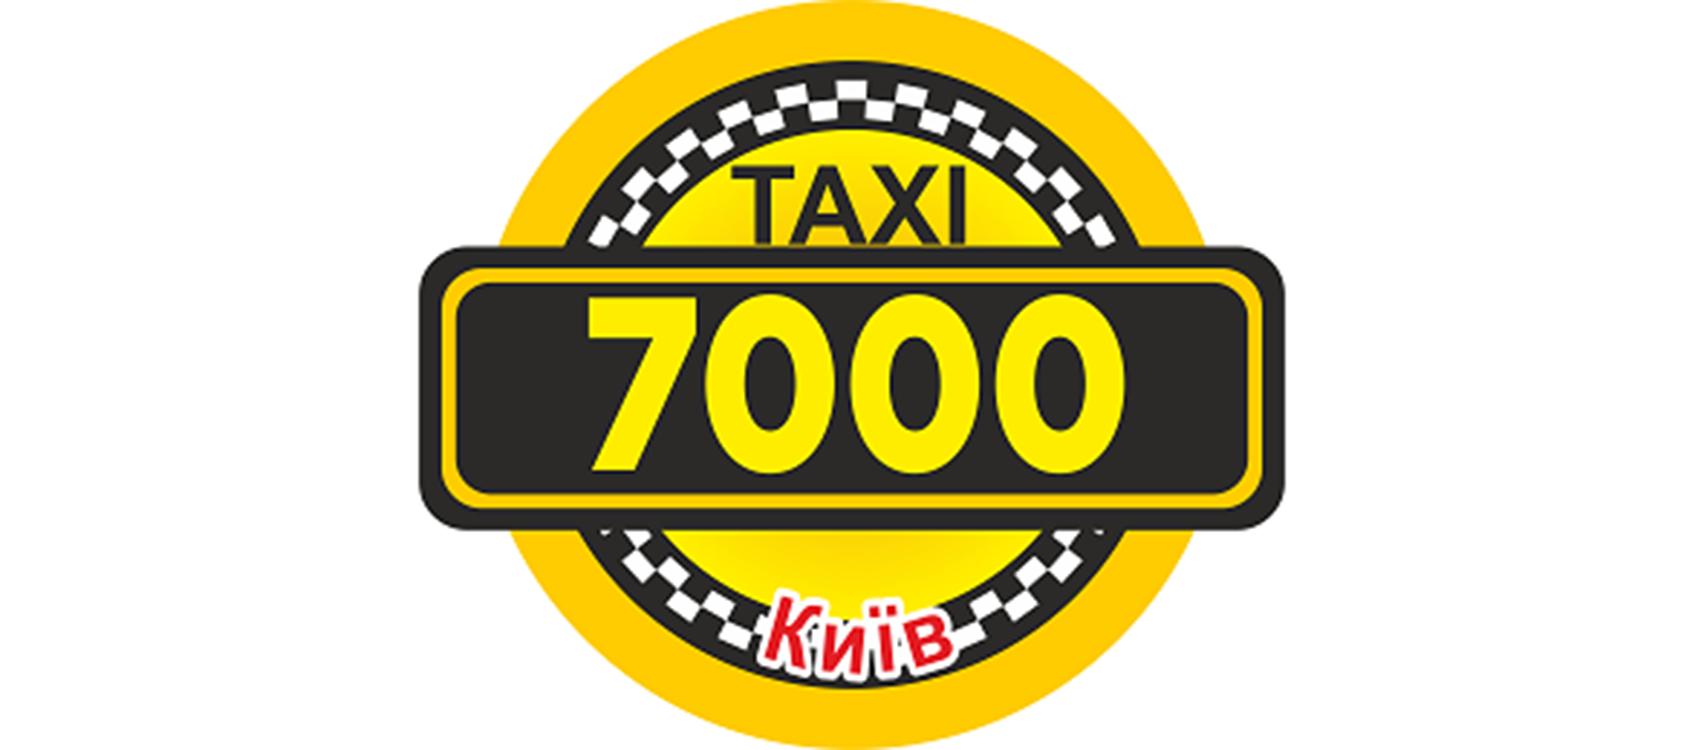 Таксі Економ 7000  (Київ)